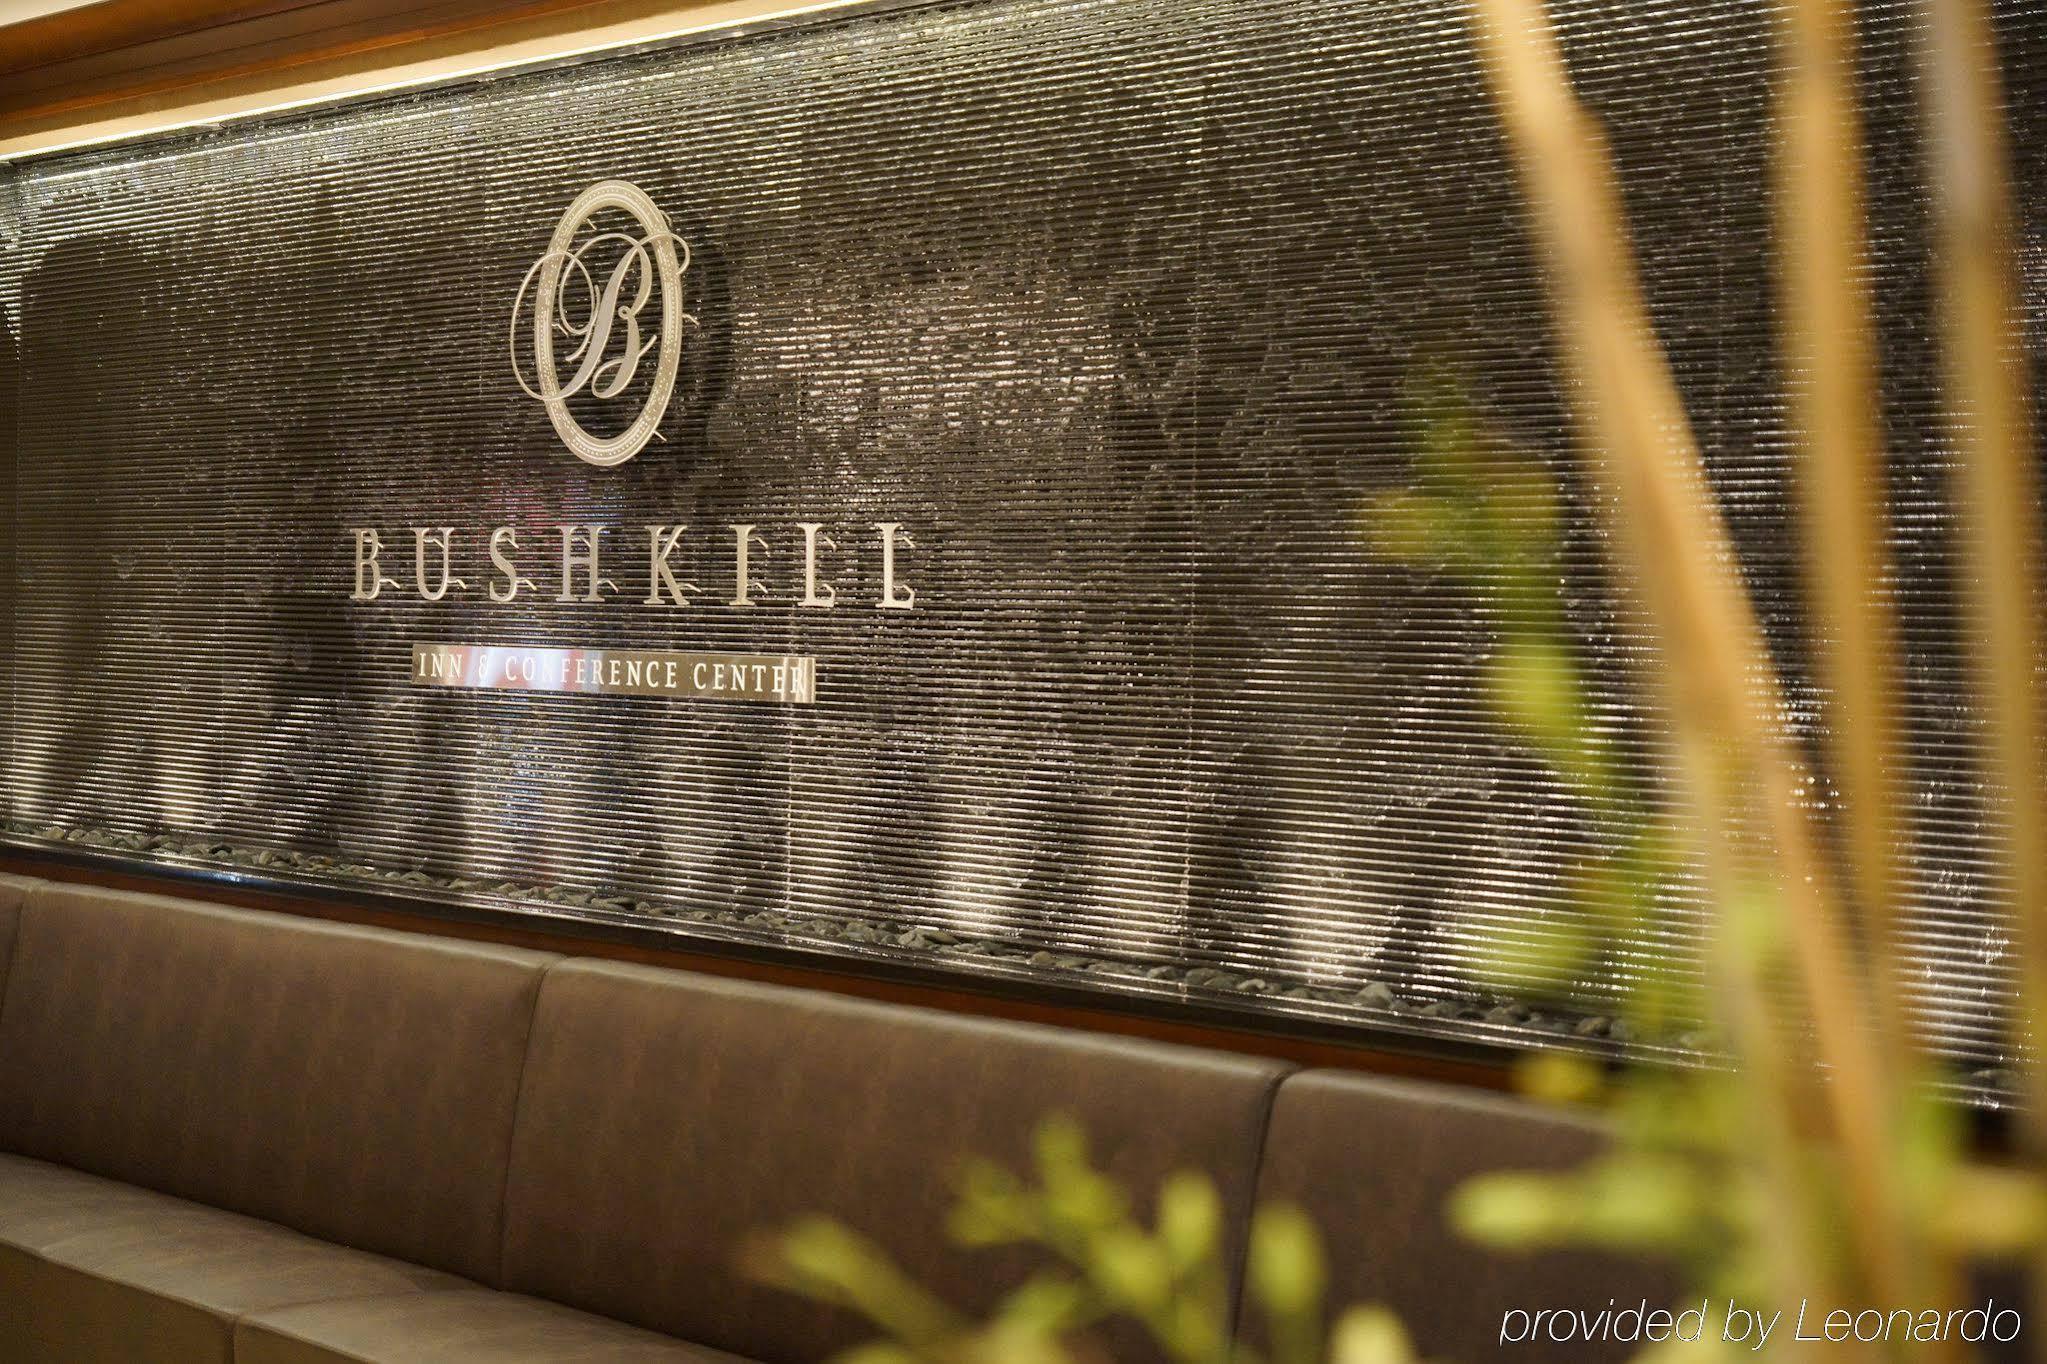 Bushkill Inn & Conference Center